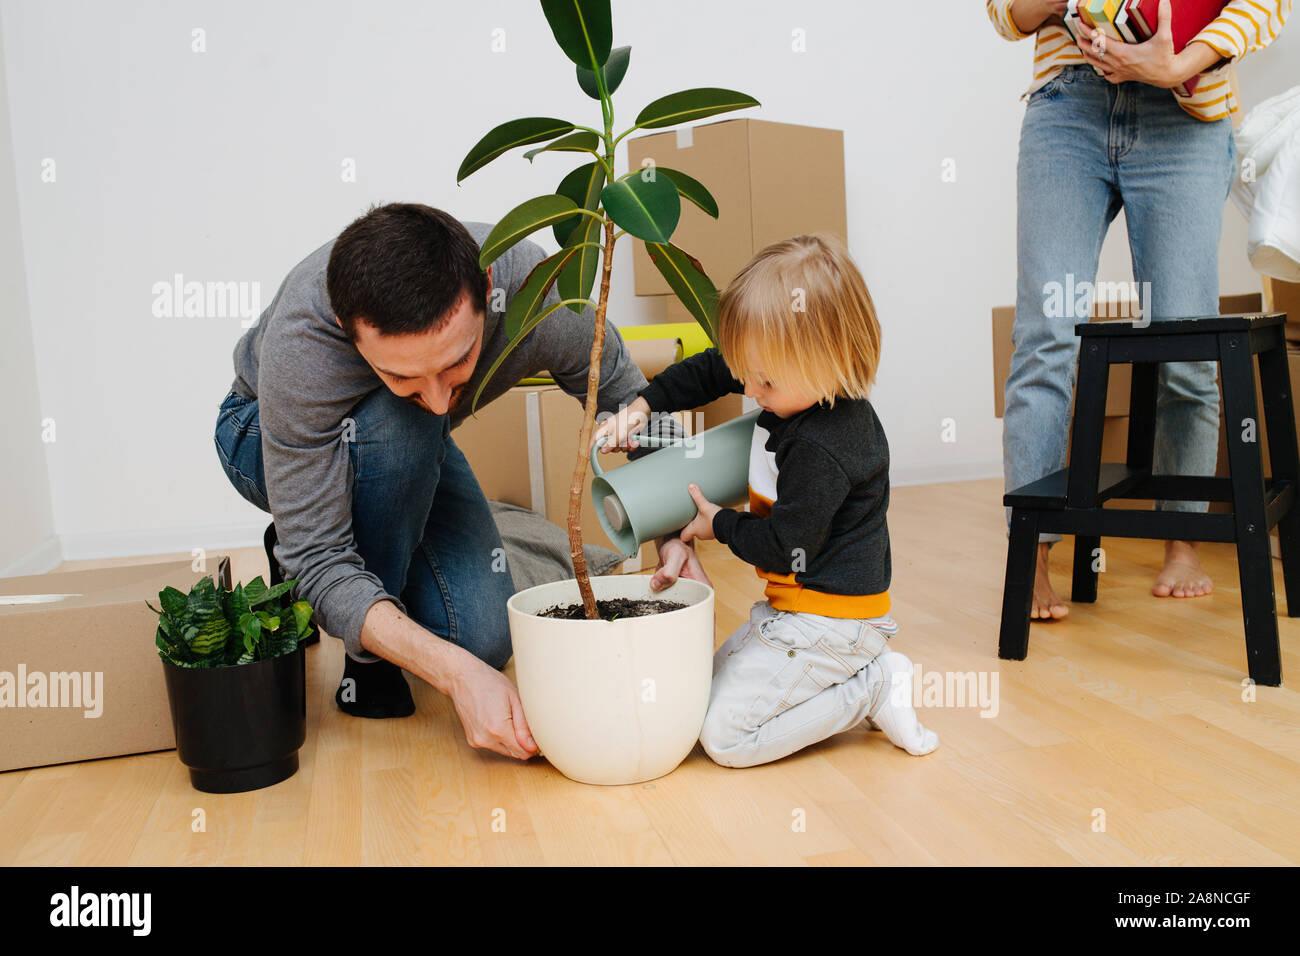 Su familia se mudó a un apartamento de nueva construcción. Regar la planta infantil mientras los padres desembalaje. Foto de stock